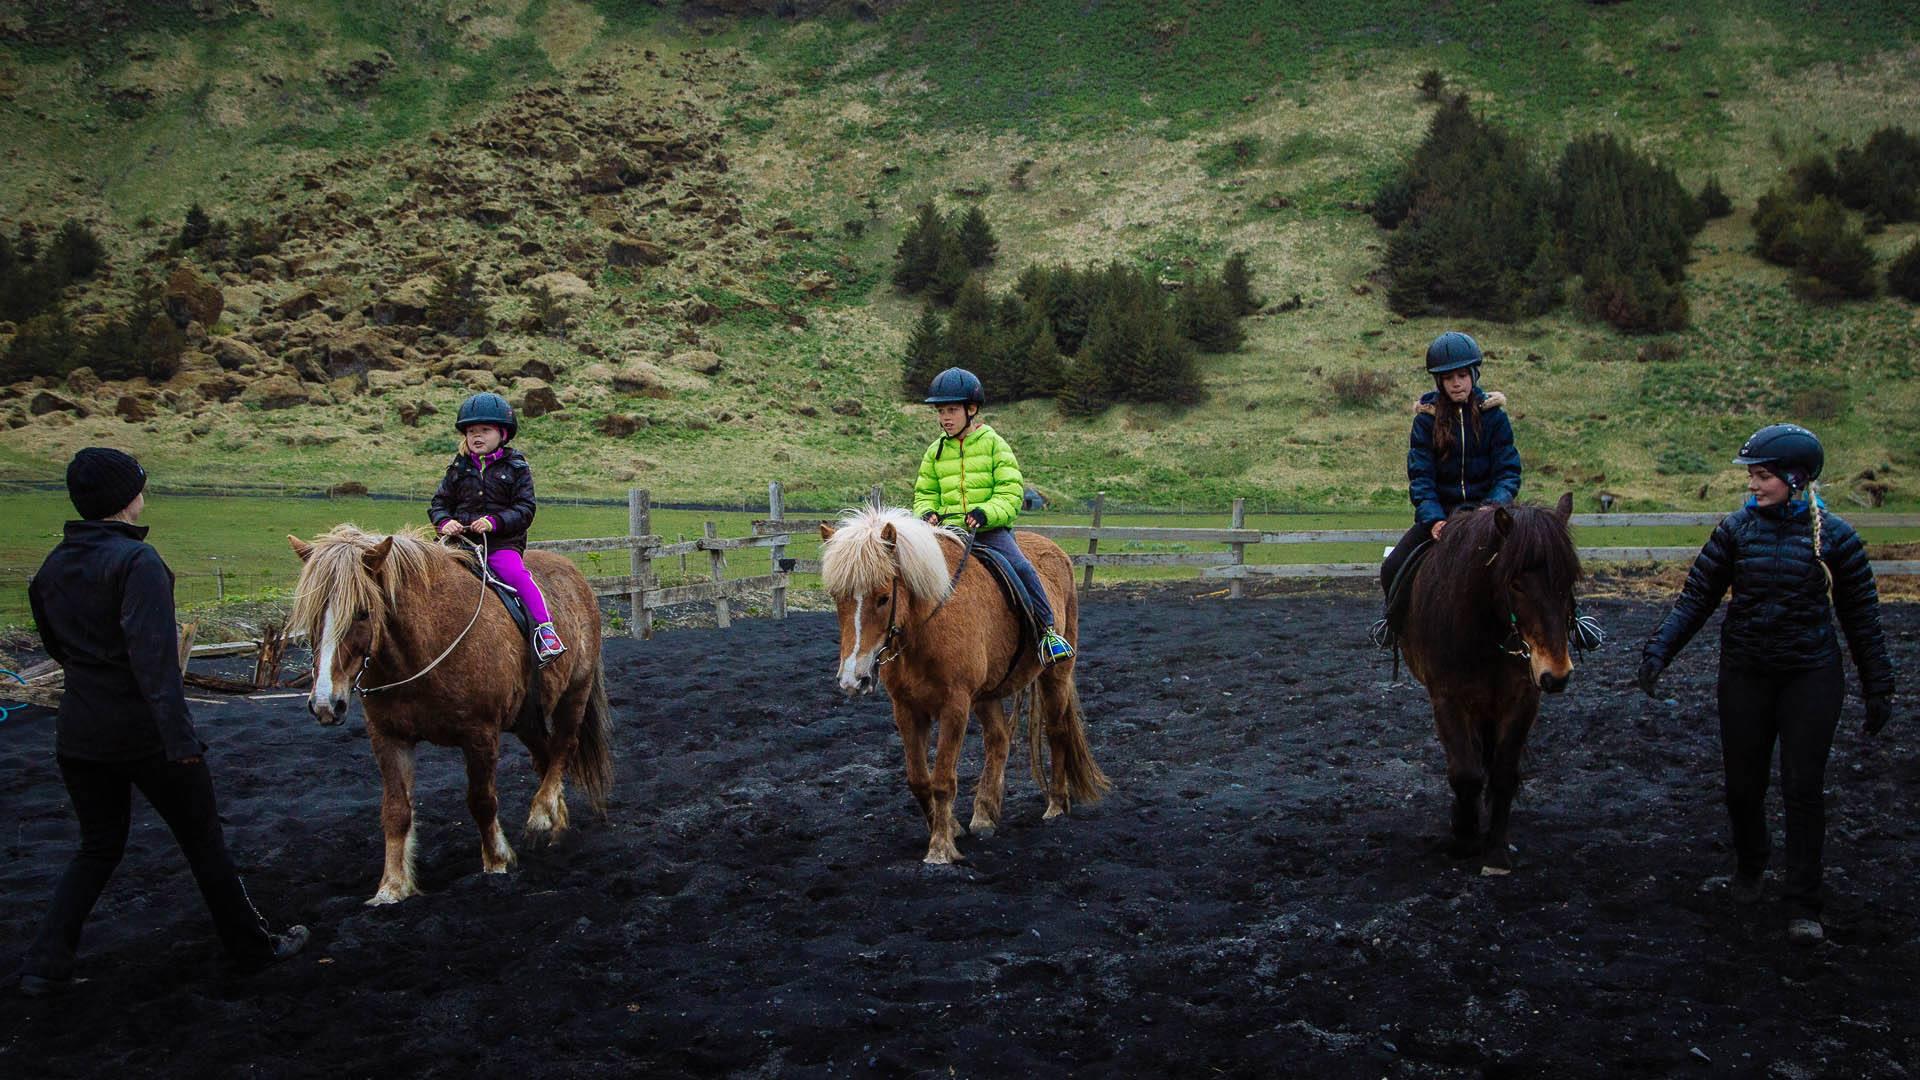 ผู้ขี่กำลังเรียนรี้วิธีการขี่ม้าที่วิก ทางตะวันอกเฉียงใต้ของประเทศไอซ์แลนด์ ที่หากทรายดำ